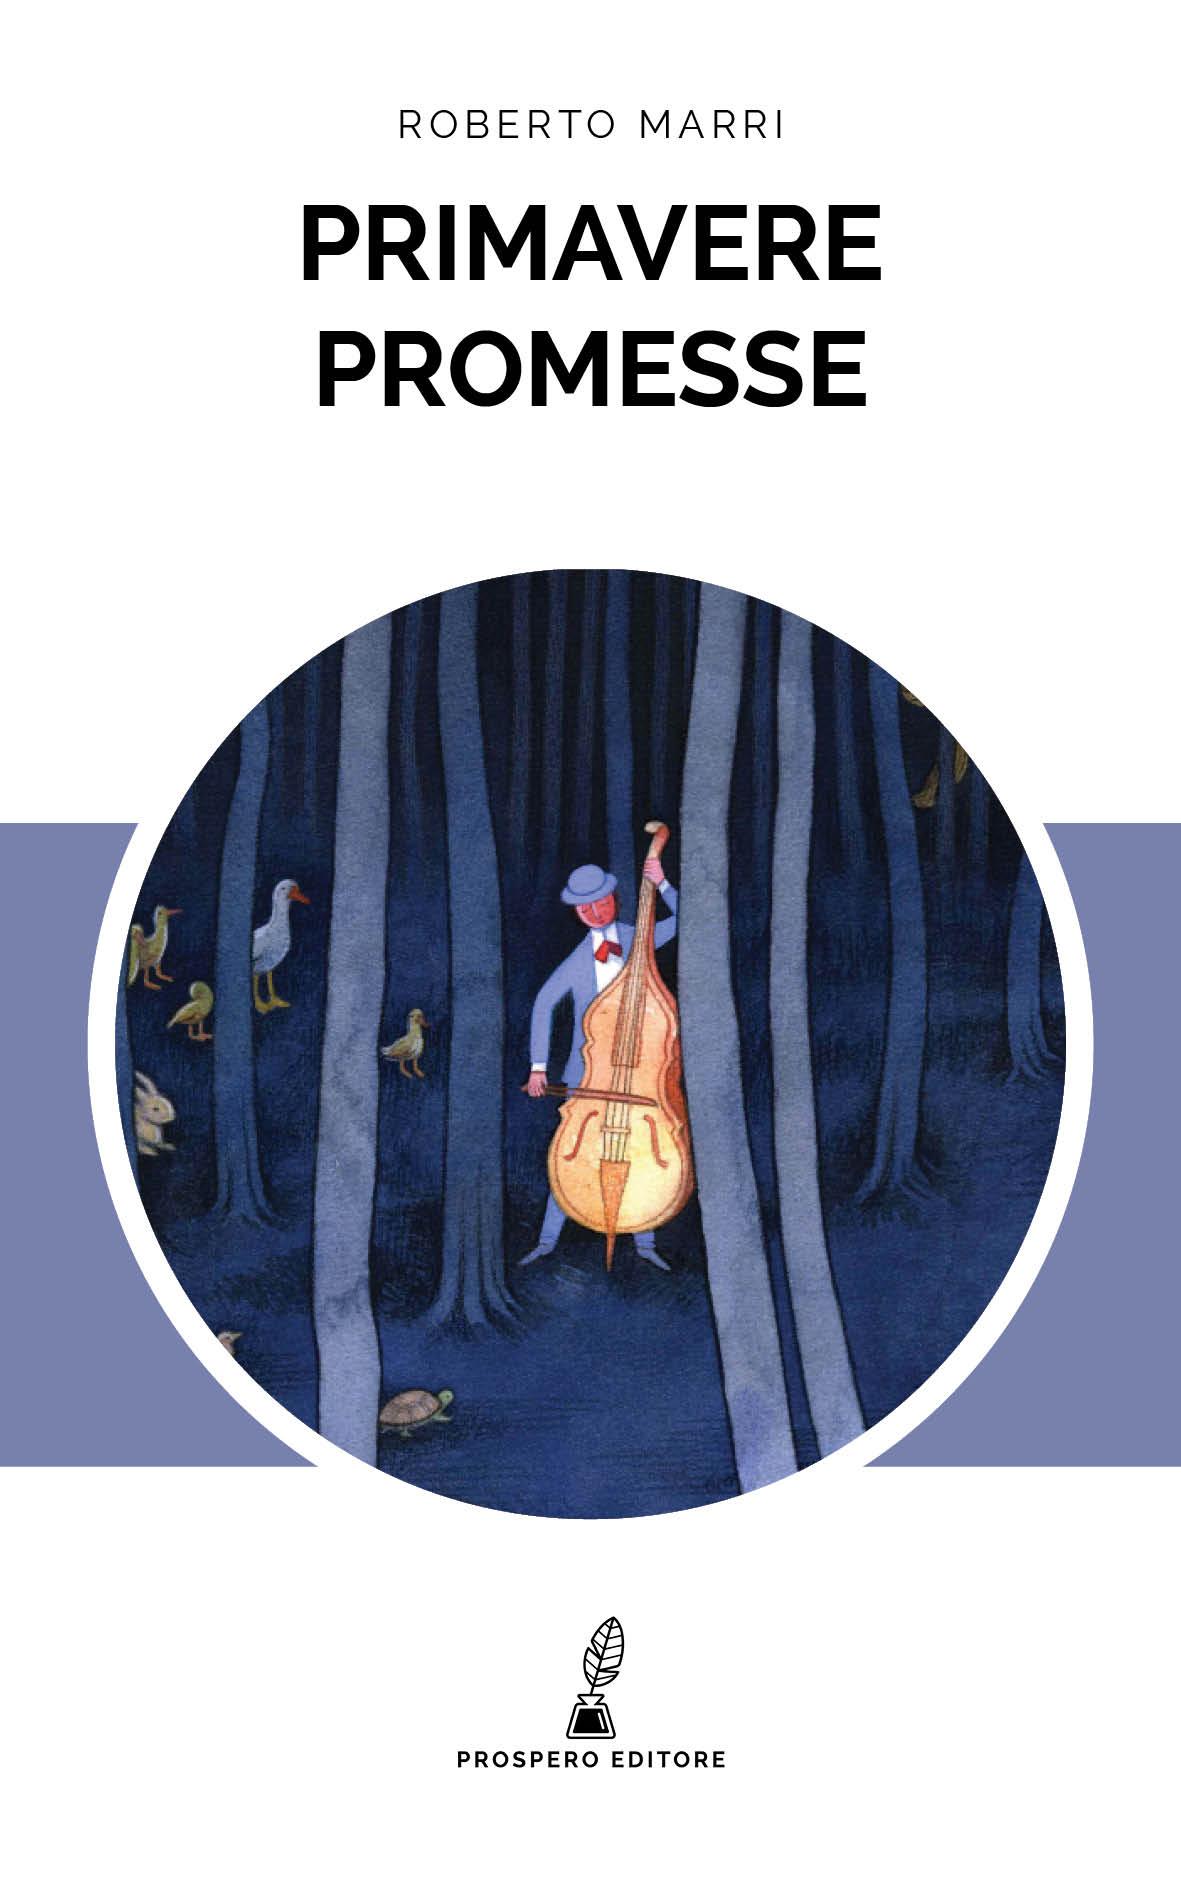 Primavere promesse-image